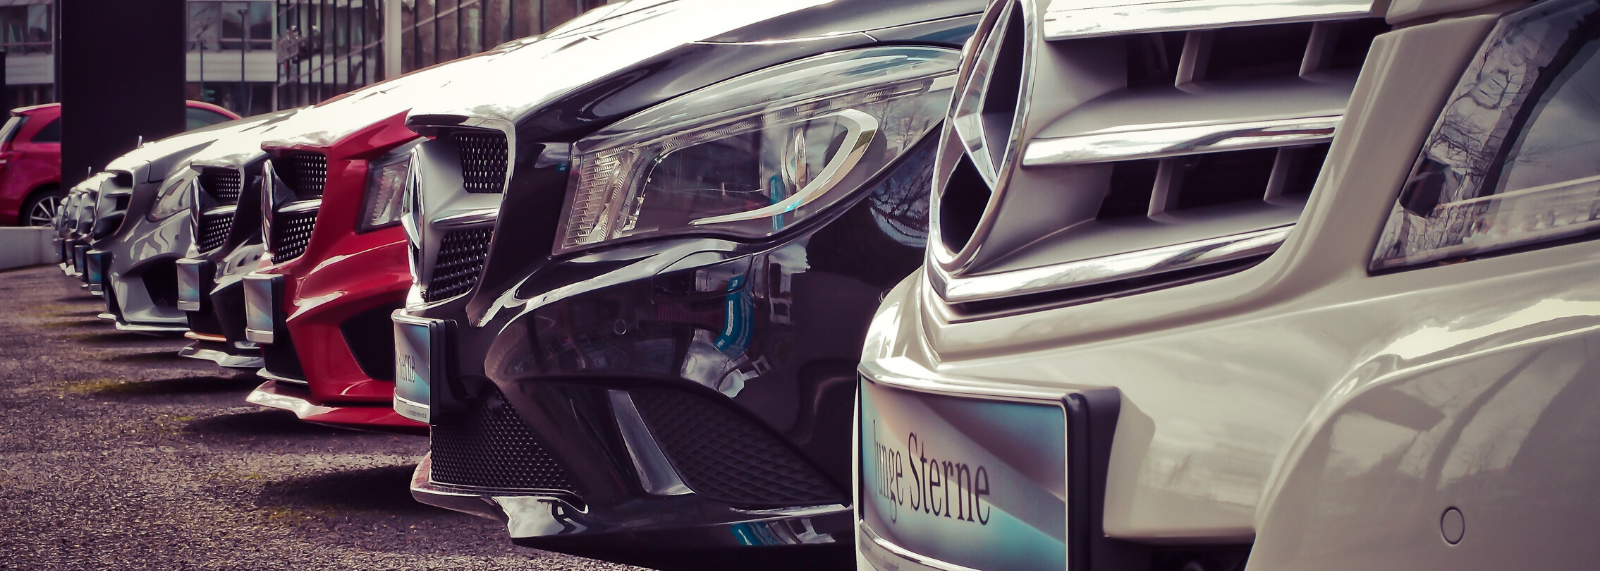 Autoteam ti assiste se scegli la formula del noleggio a lungo termine di un veicolo